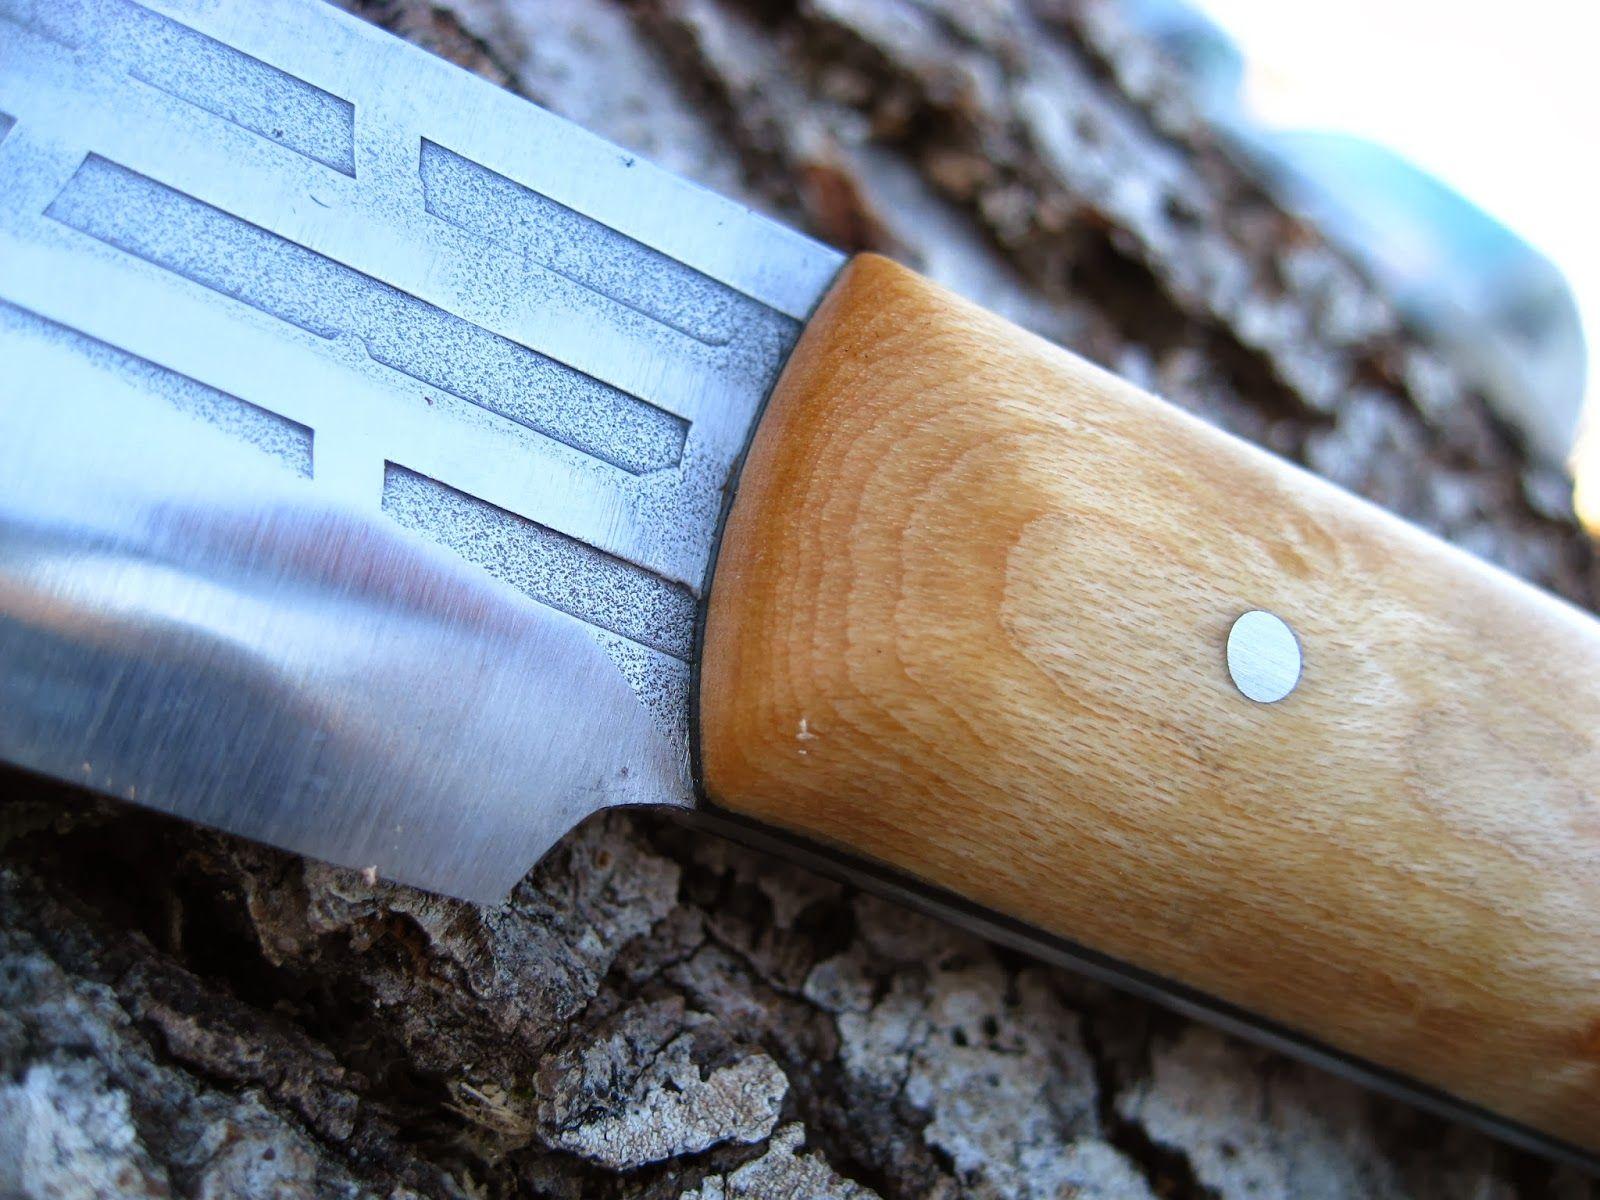 jkl knives sold jkl knives old hickory kephart old hickory